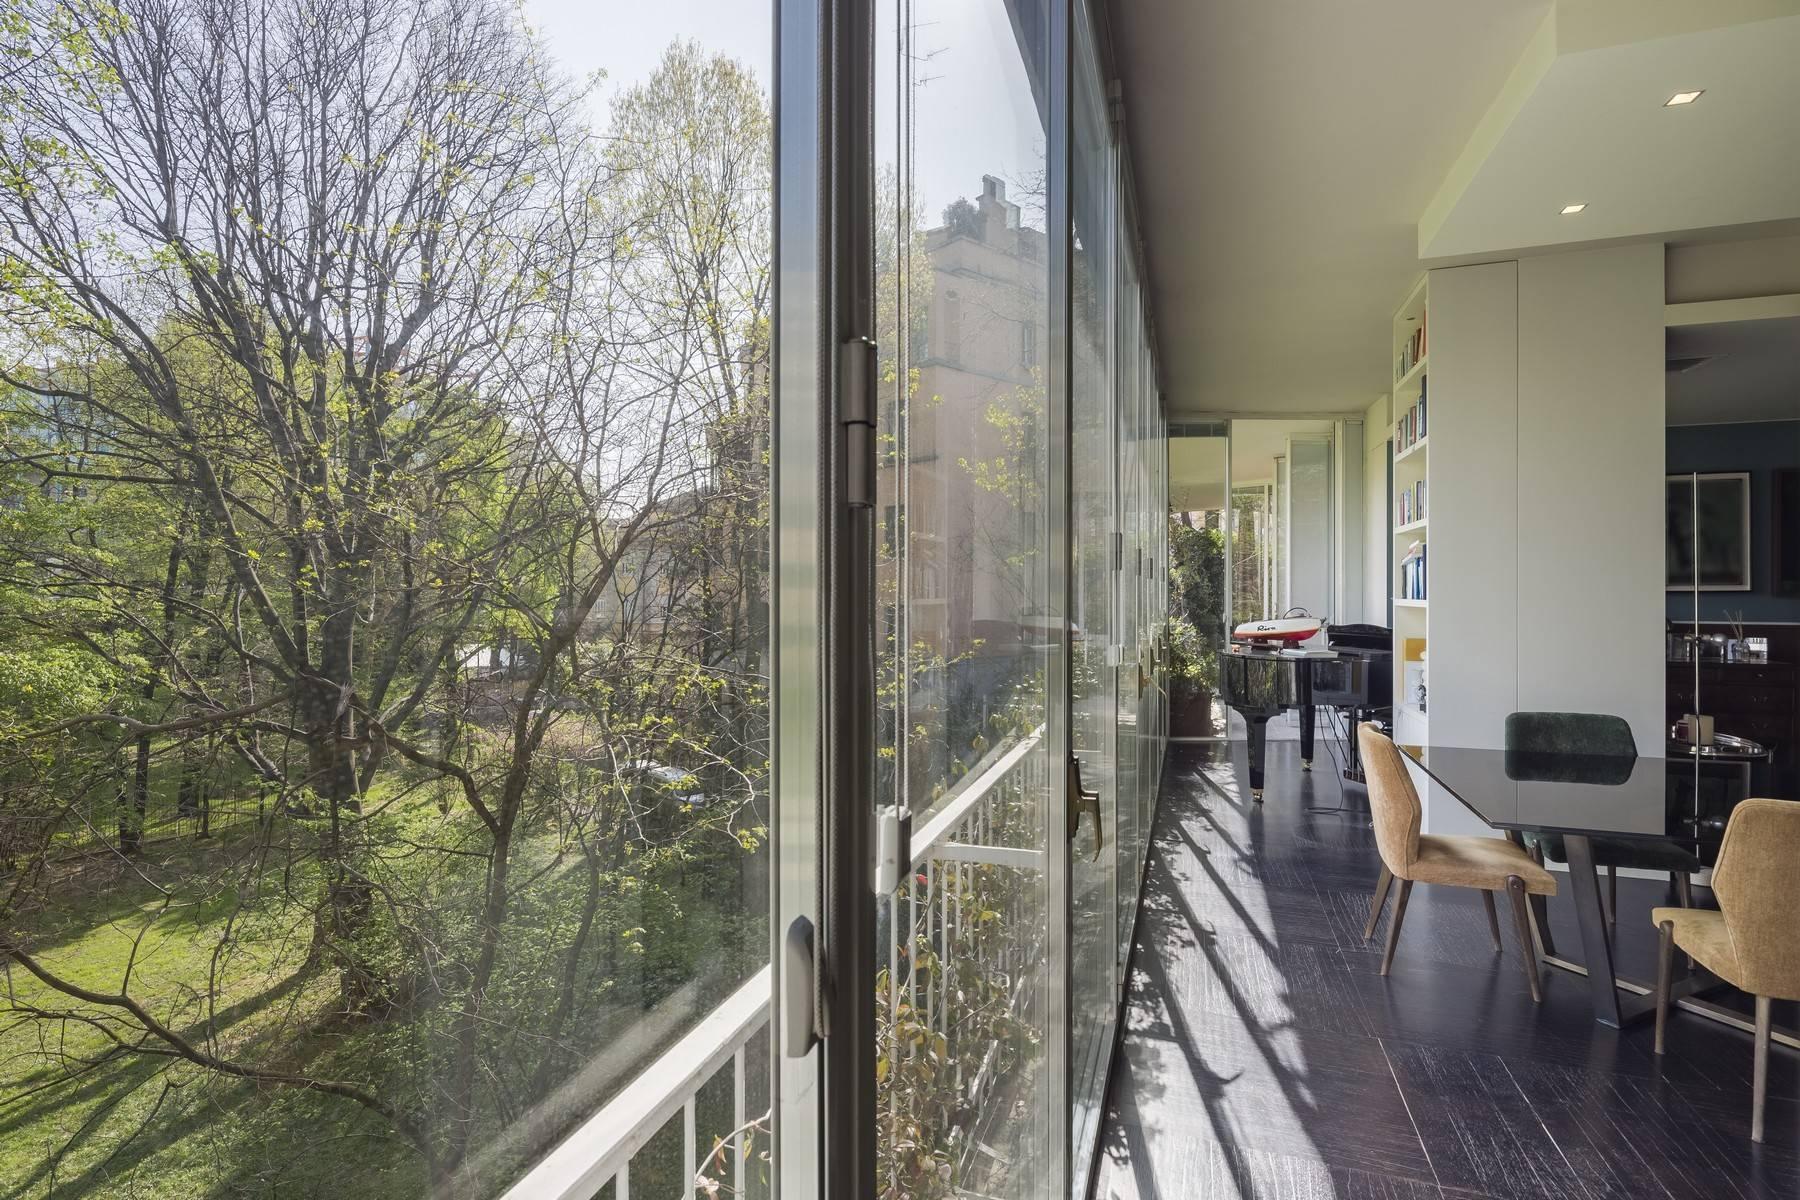 Magnifique appartement à louer d'environ 300 m² au coeur de Milan - 8